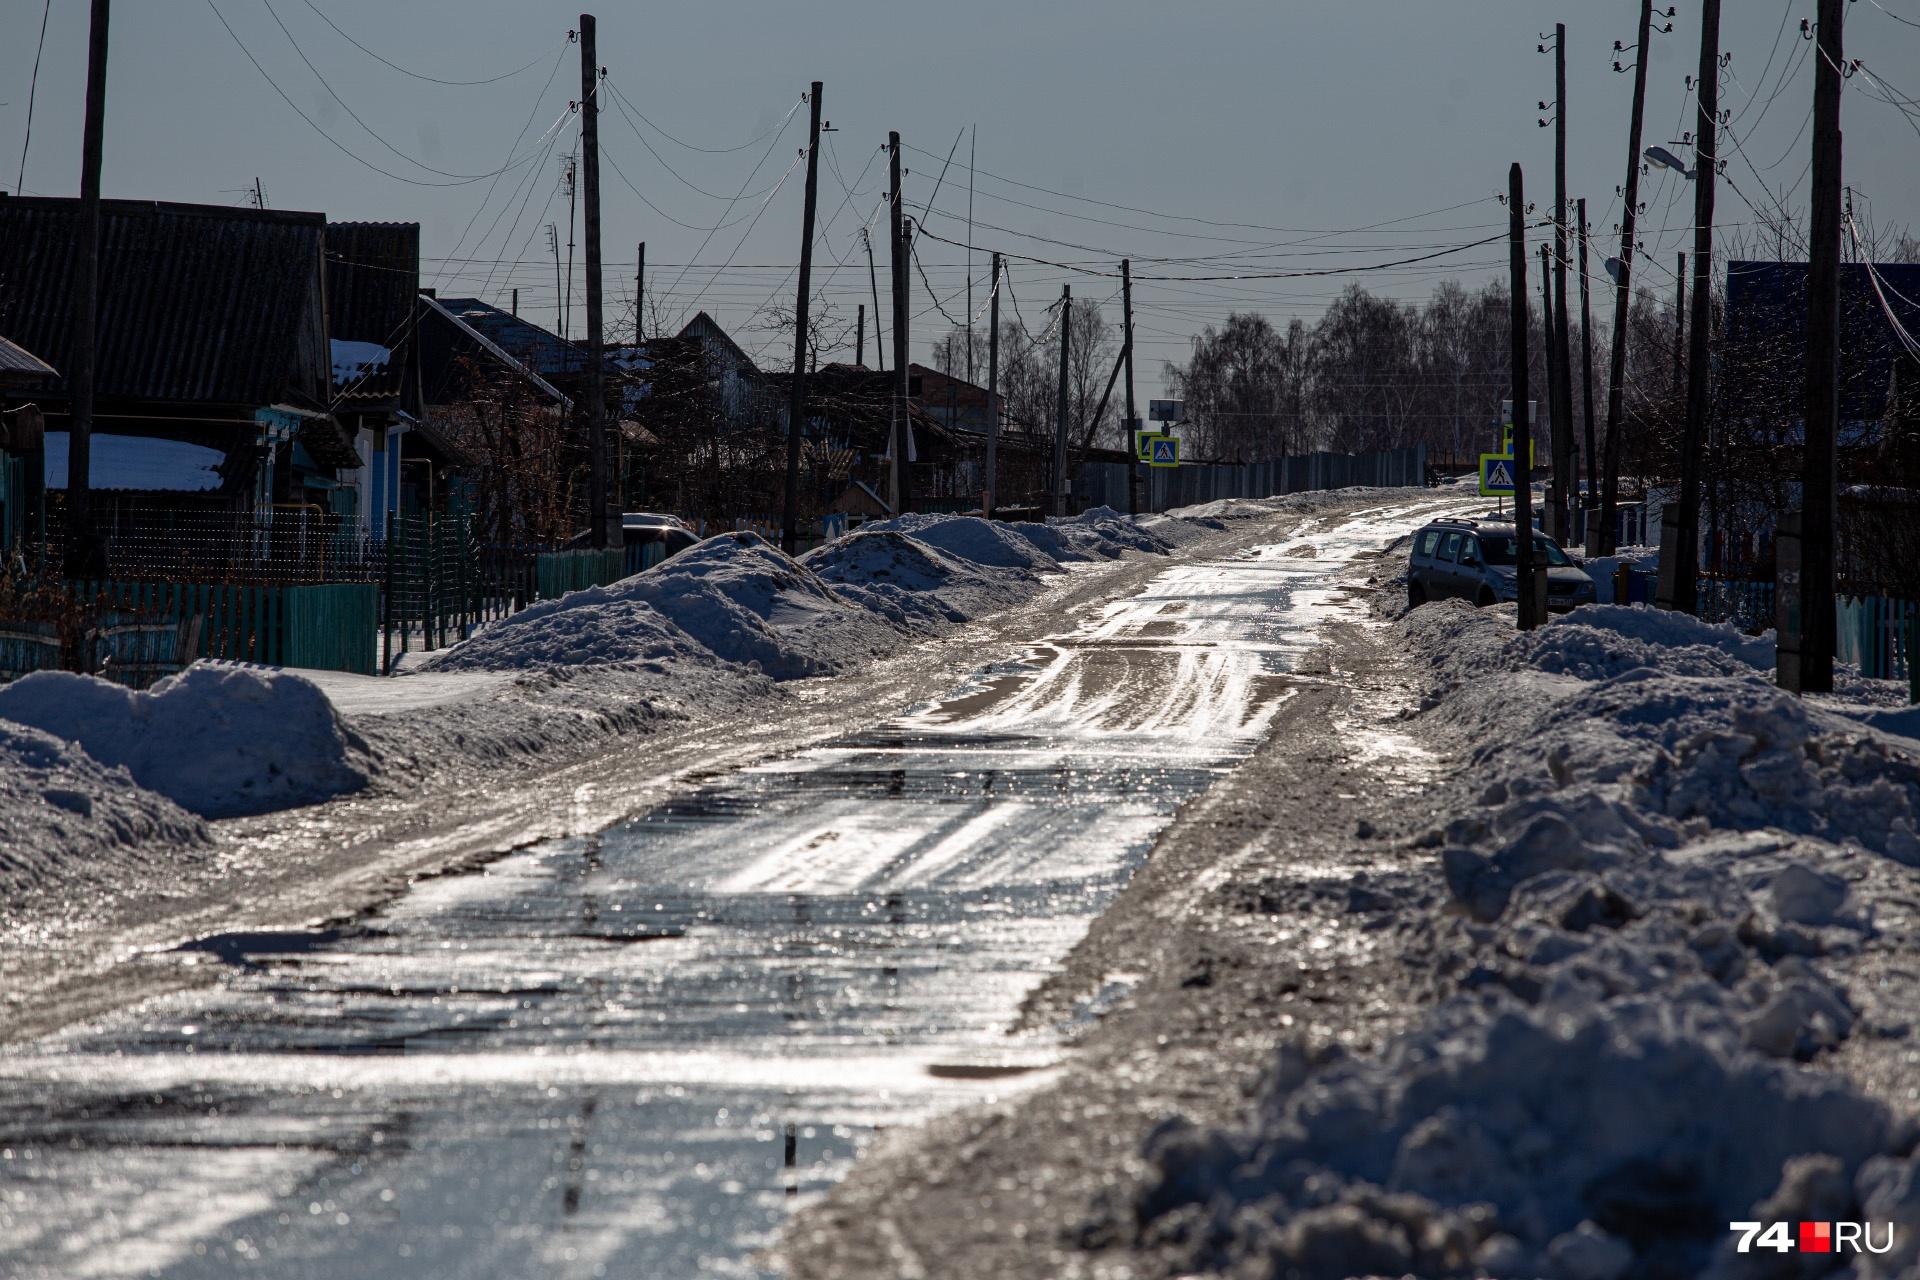 От районного центра деревню Новая Соболева отделяет 11 километров